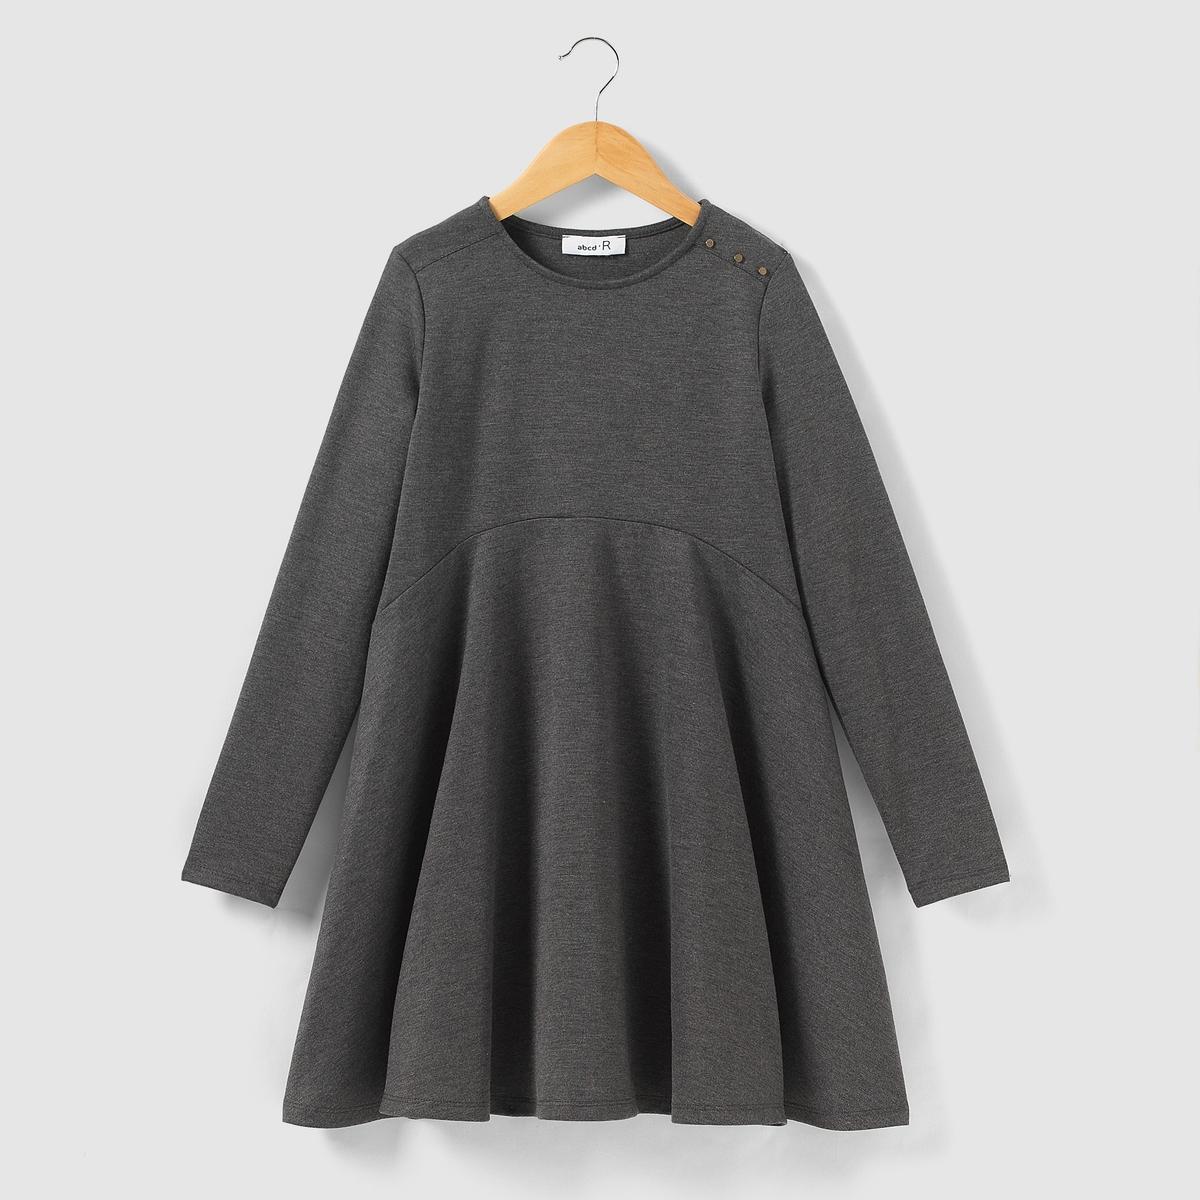 Платье из плотного джерси, 3-12 летОднотонное платье с длинными рукавами . Оригинальные детали на плечах . Округлая отрезная деталь снизу . Состав и описание : Материал        75% полиэстера, 20% вискозы, 5% эластана Длина     ниже коленМарка        abcdRУход :Машинная стирка при 30 °C с вещами схожих цветов.Стирать и гладить с изнаночной стороны.Машинная сушка в умеренном режиме.Гладить при умеренной температуре.<br><br>Цвет: антрацит<br>Размер: 6 лет - 114 см